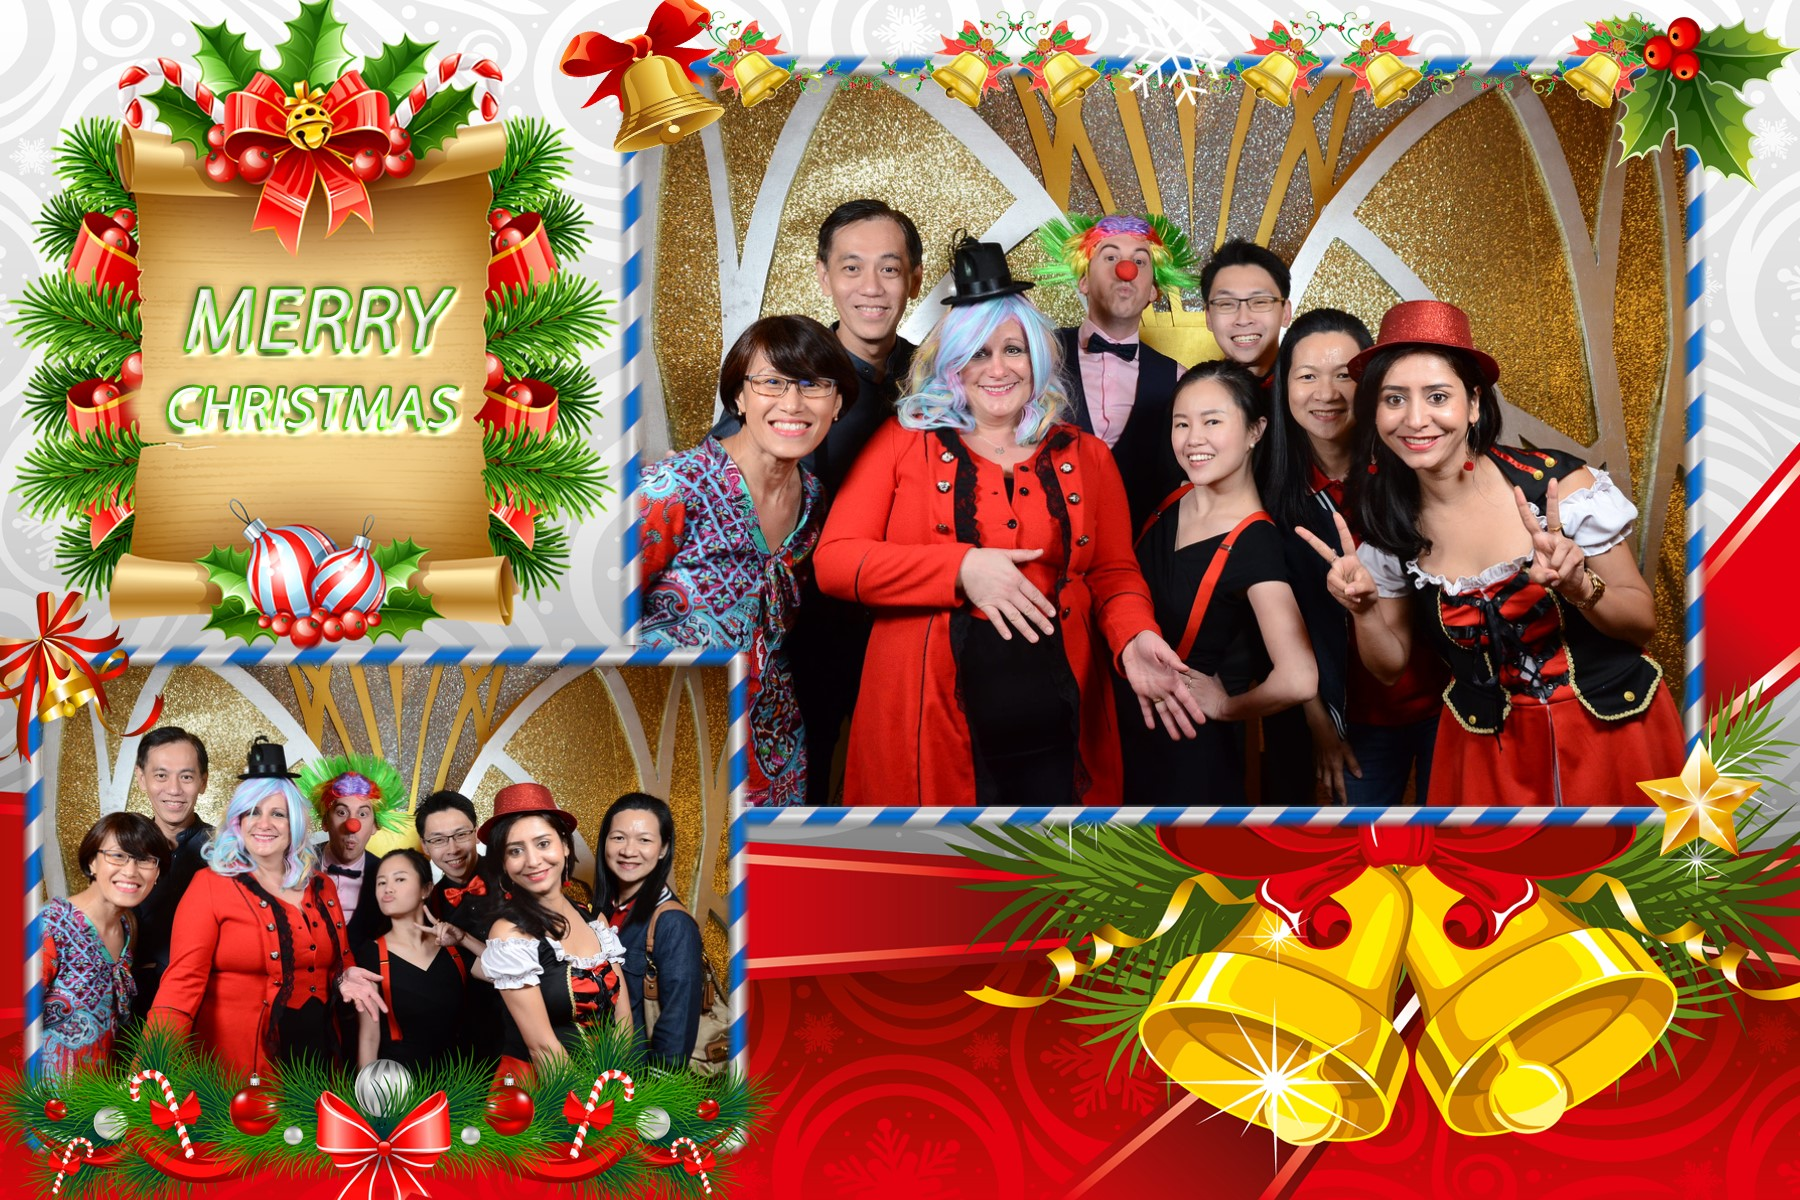 S2 - Christmas 2 poses